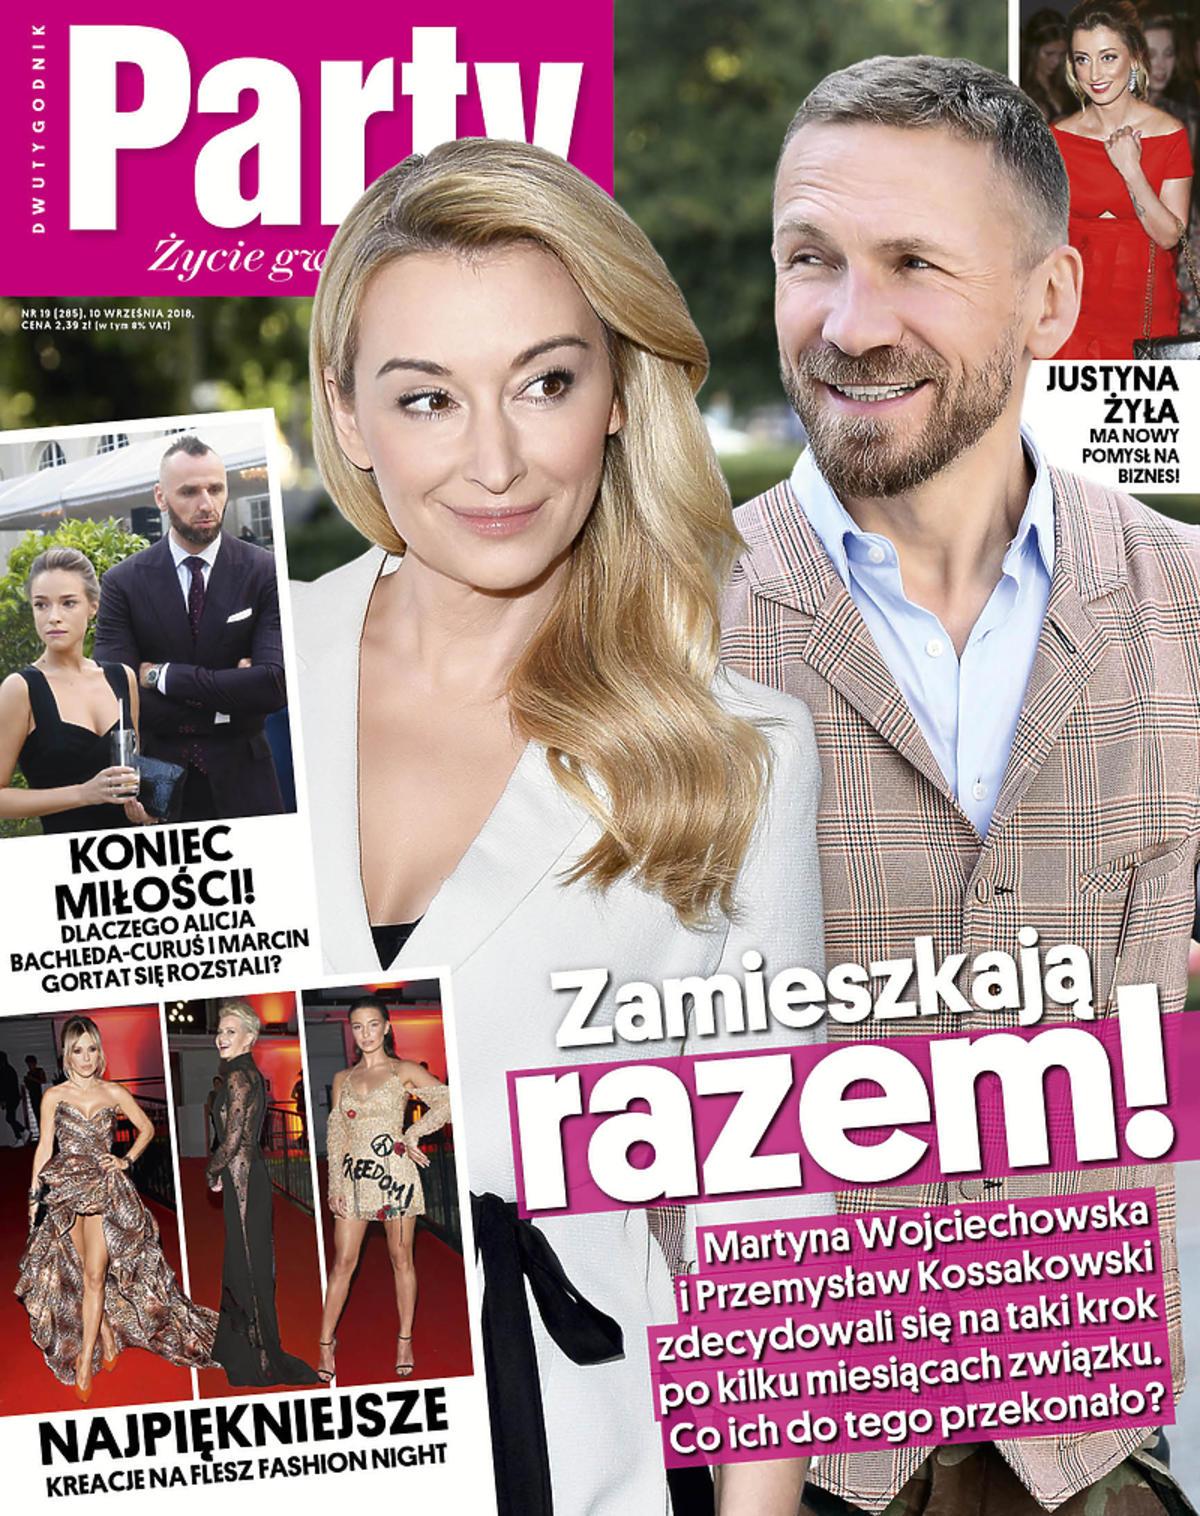 Martyna Wojciechowska i Przemek Kossakowski na okładce Party